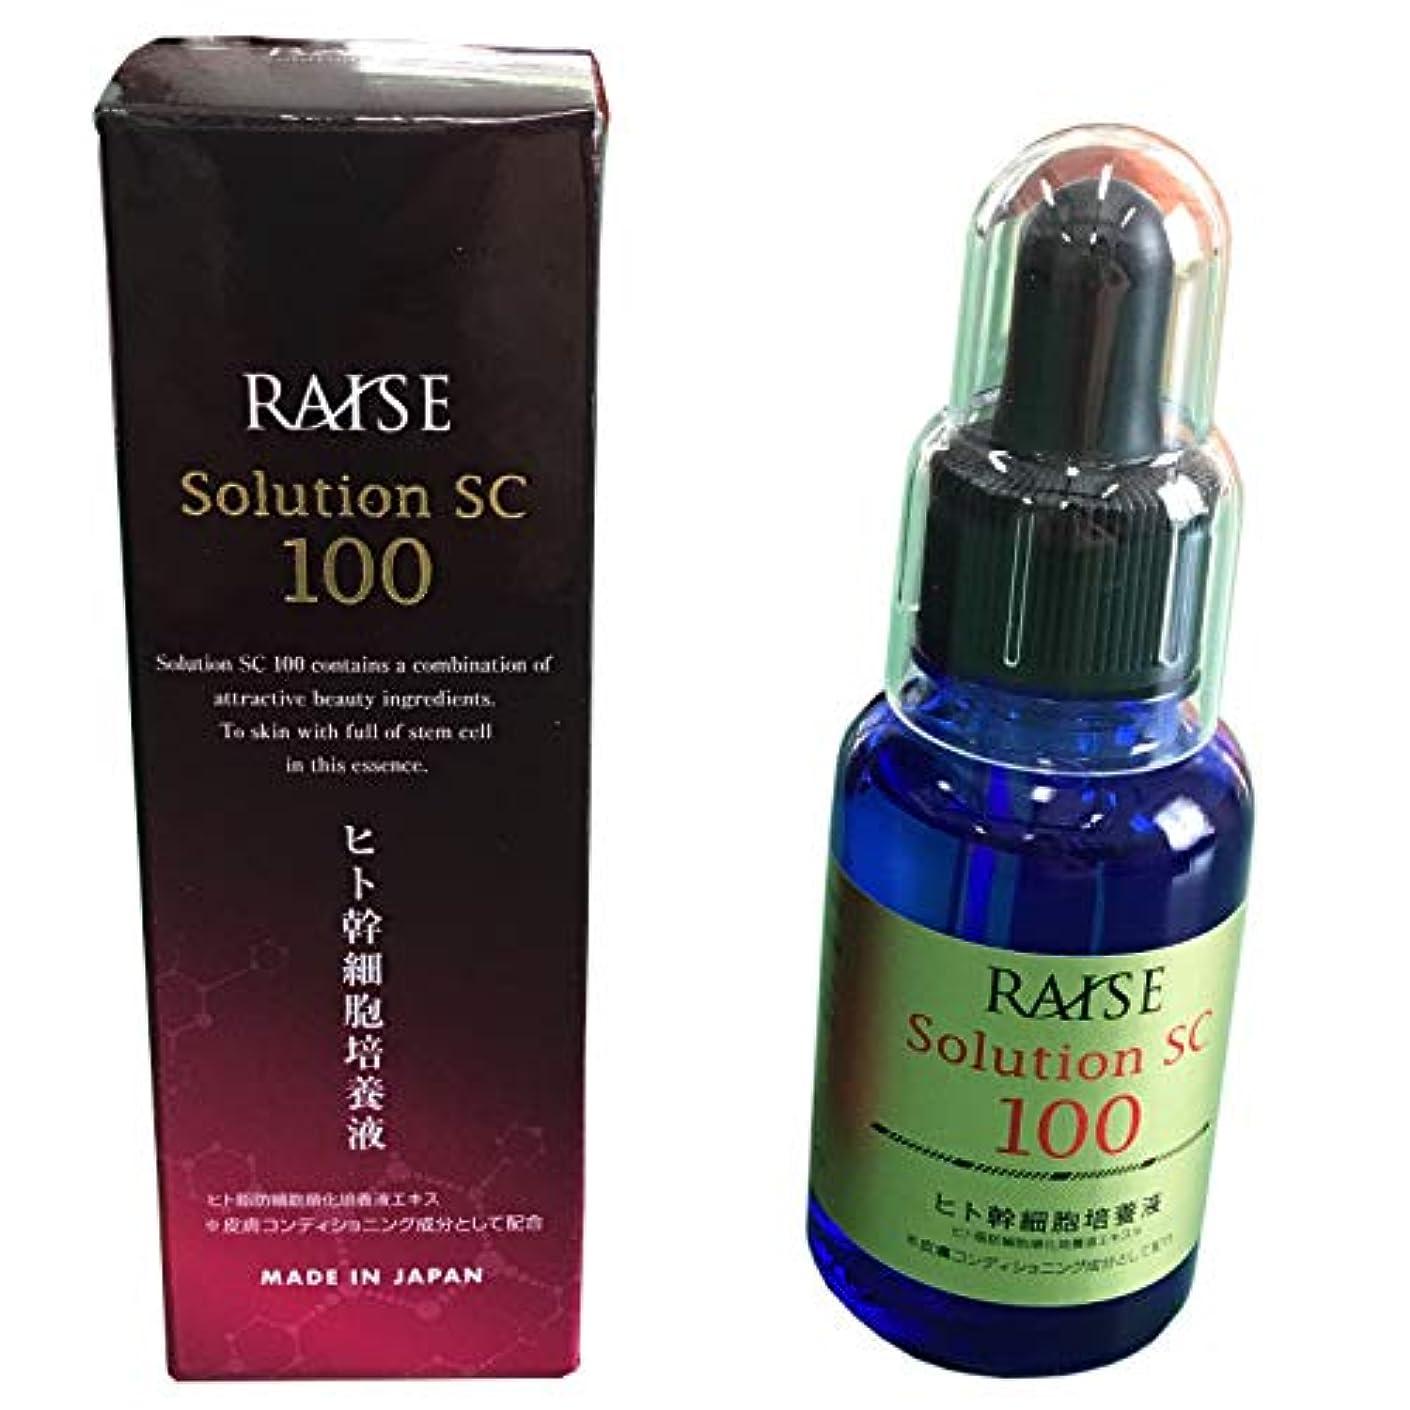 委任叫び声所持RAISE レイズ ソリューション SC100 美容液 30ml ヒト幹細胞 + 活性型 FGF RS-E